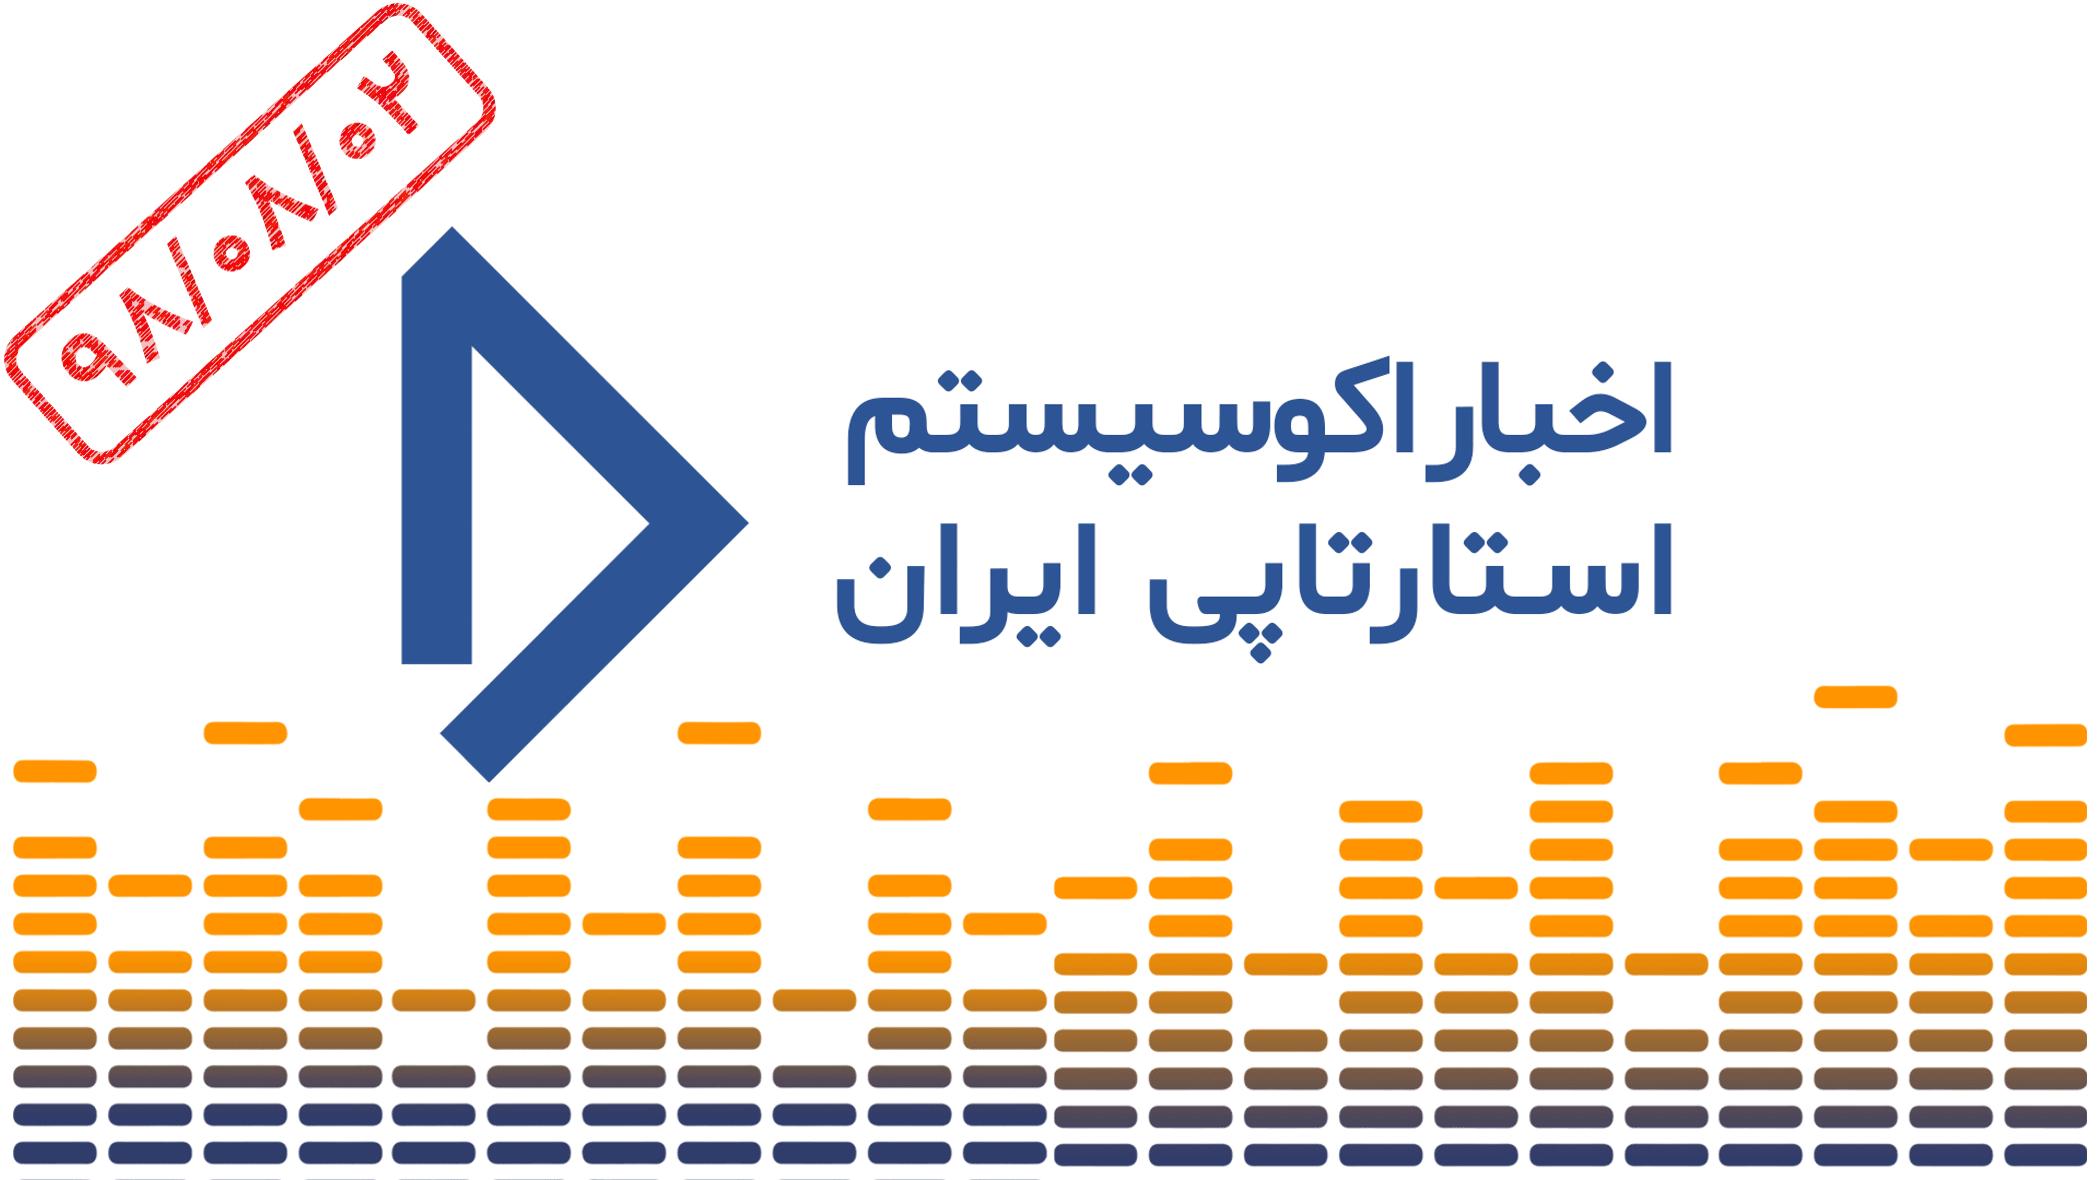 اخبار اکوسیستم استارتاپی ایران